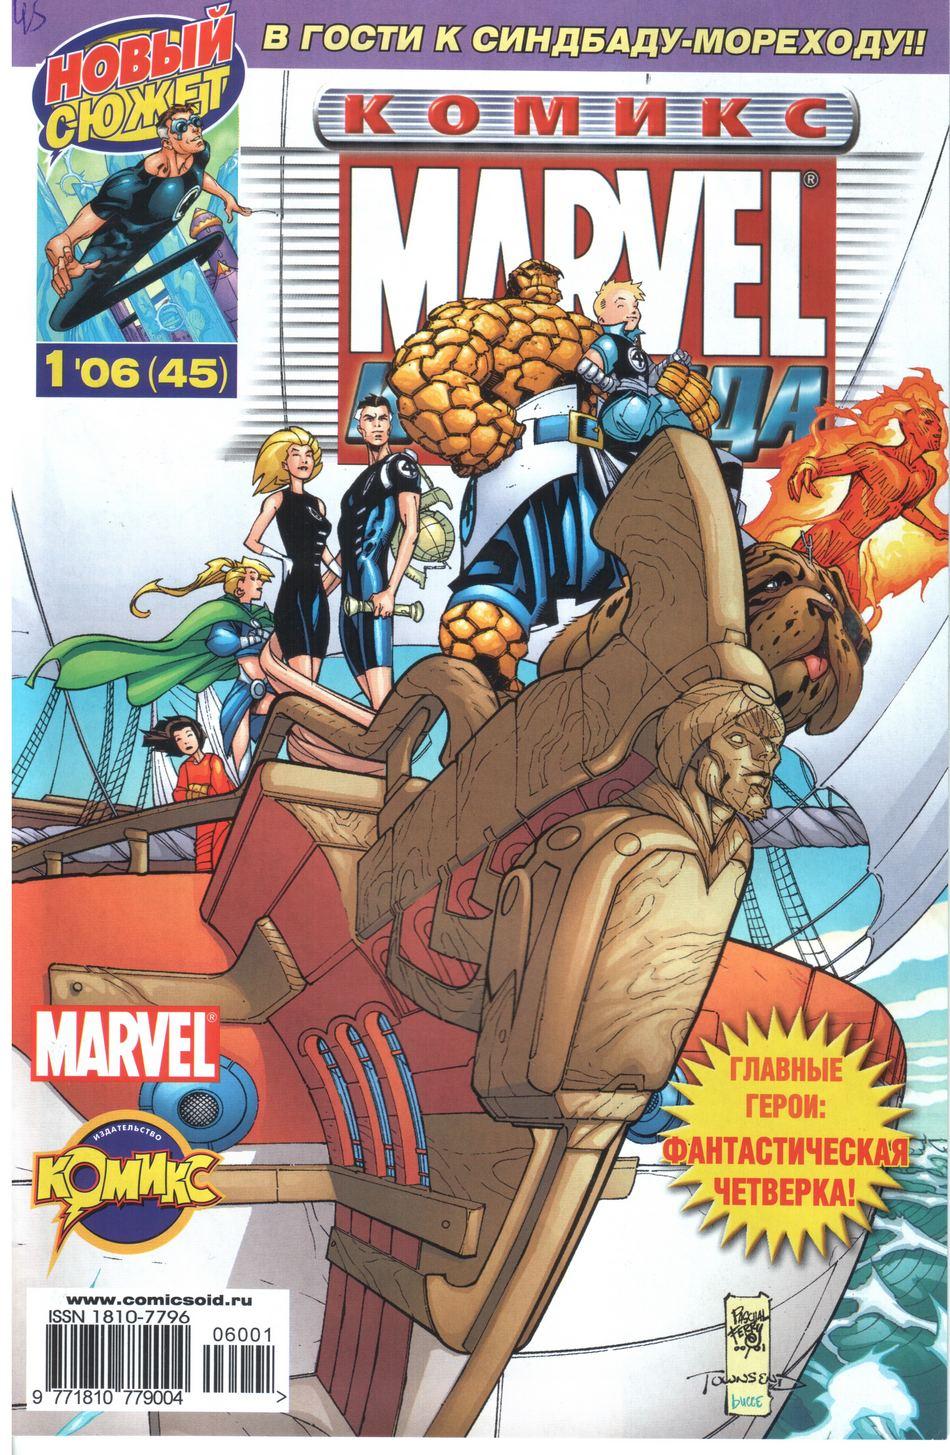 Комиксы Онлайн - Марвел Команда ИДК - # 1 - Страница №1 - Marvel Команда ИДК - Marvel Команда # 45